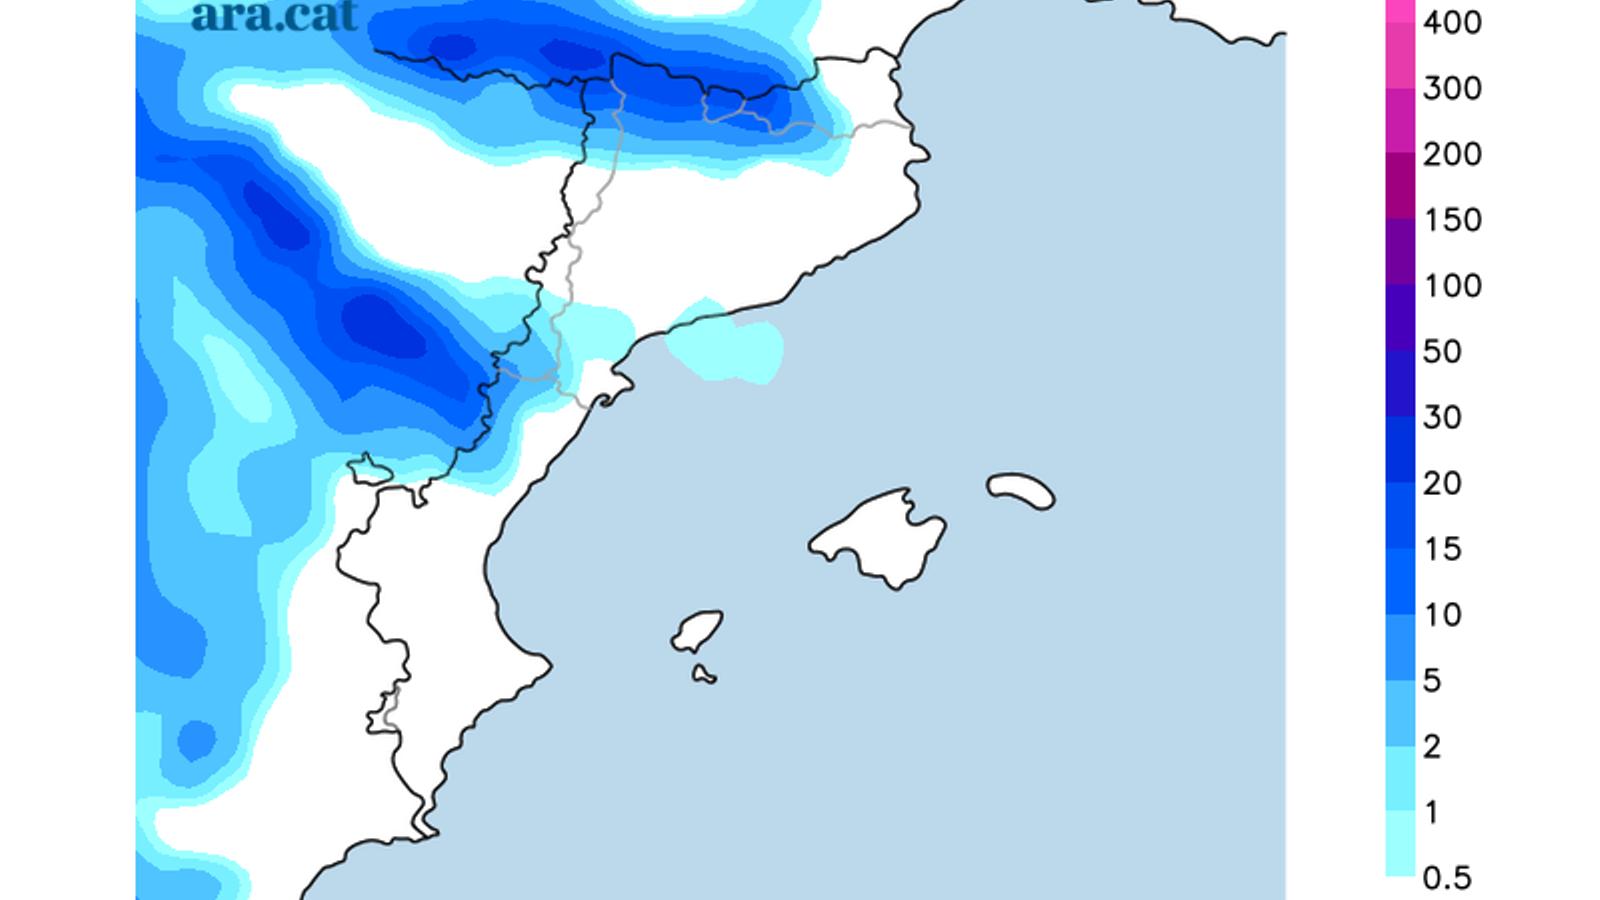 Acumulacions de precipitació previstes entre avui i demà